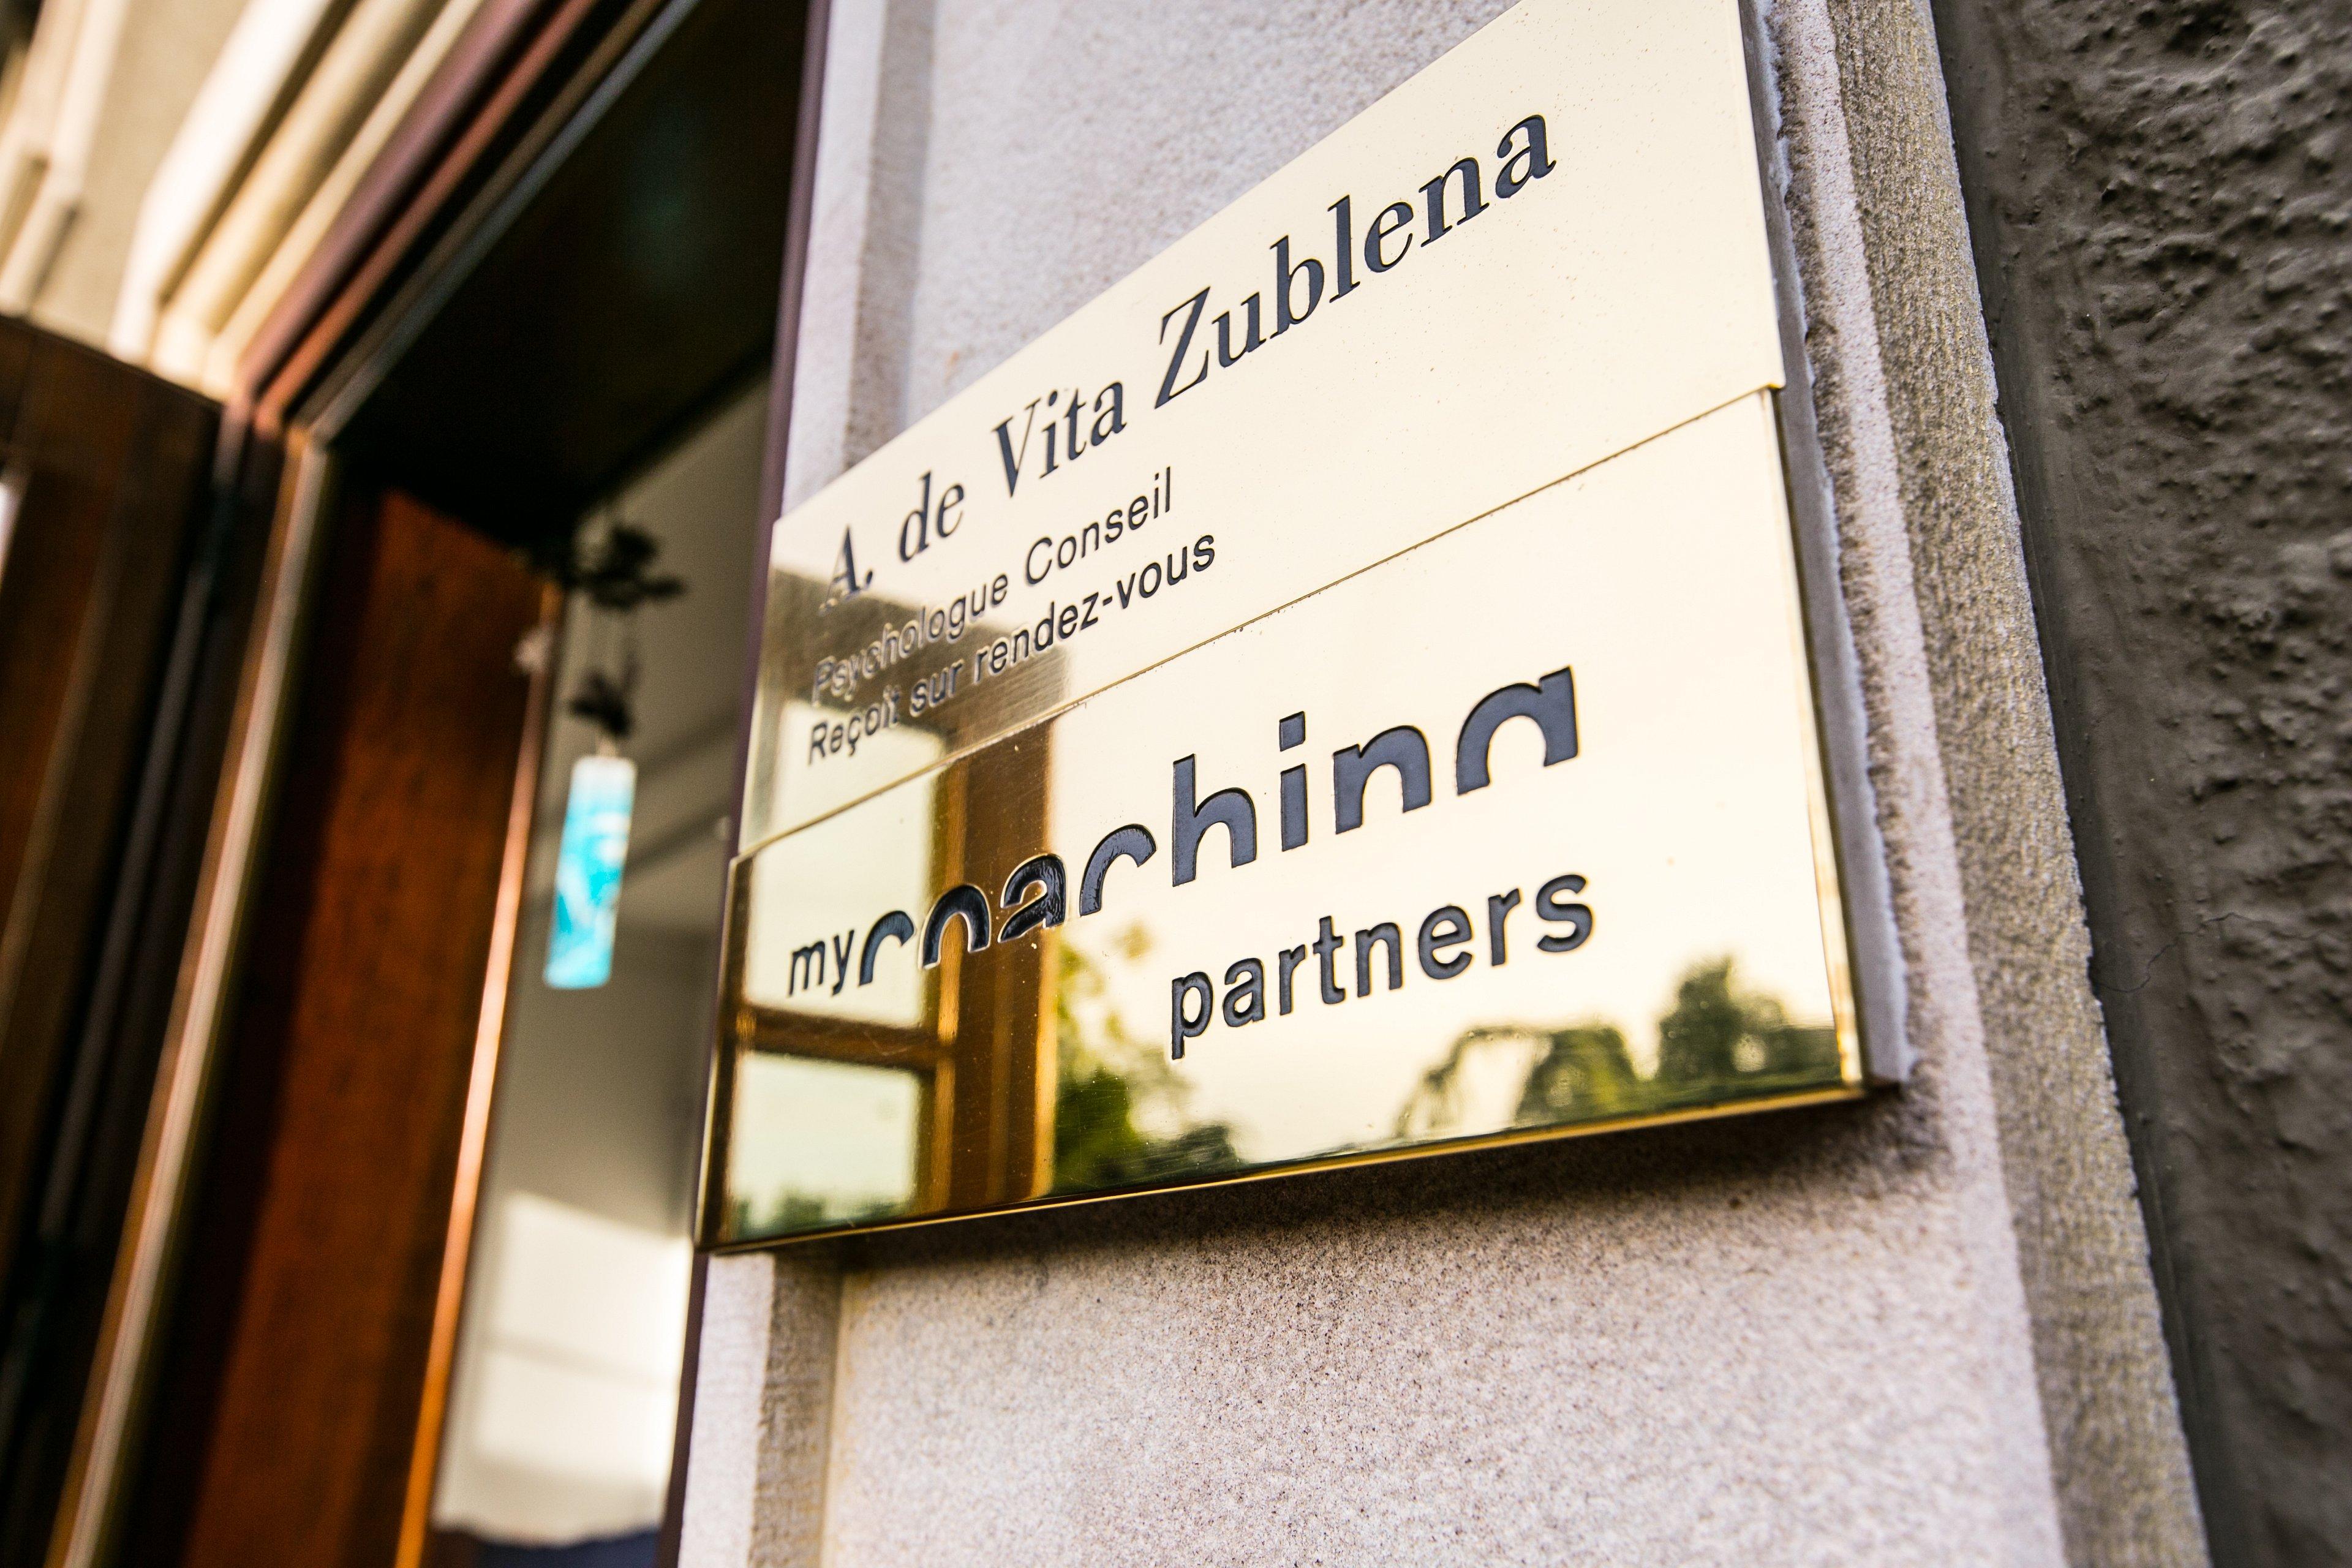 my coaching partners SA - Alessandro de Vita Zublena